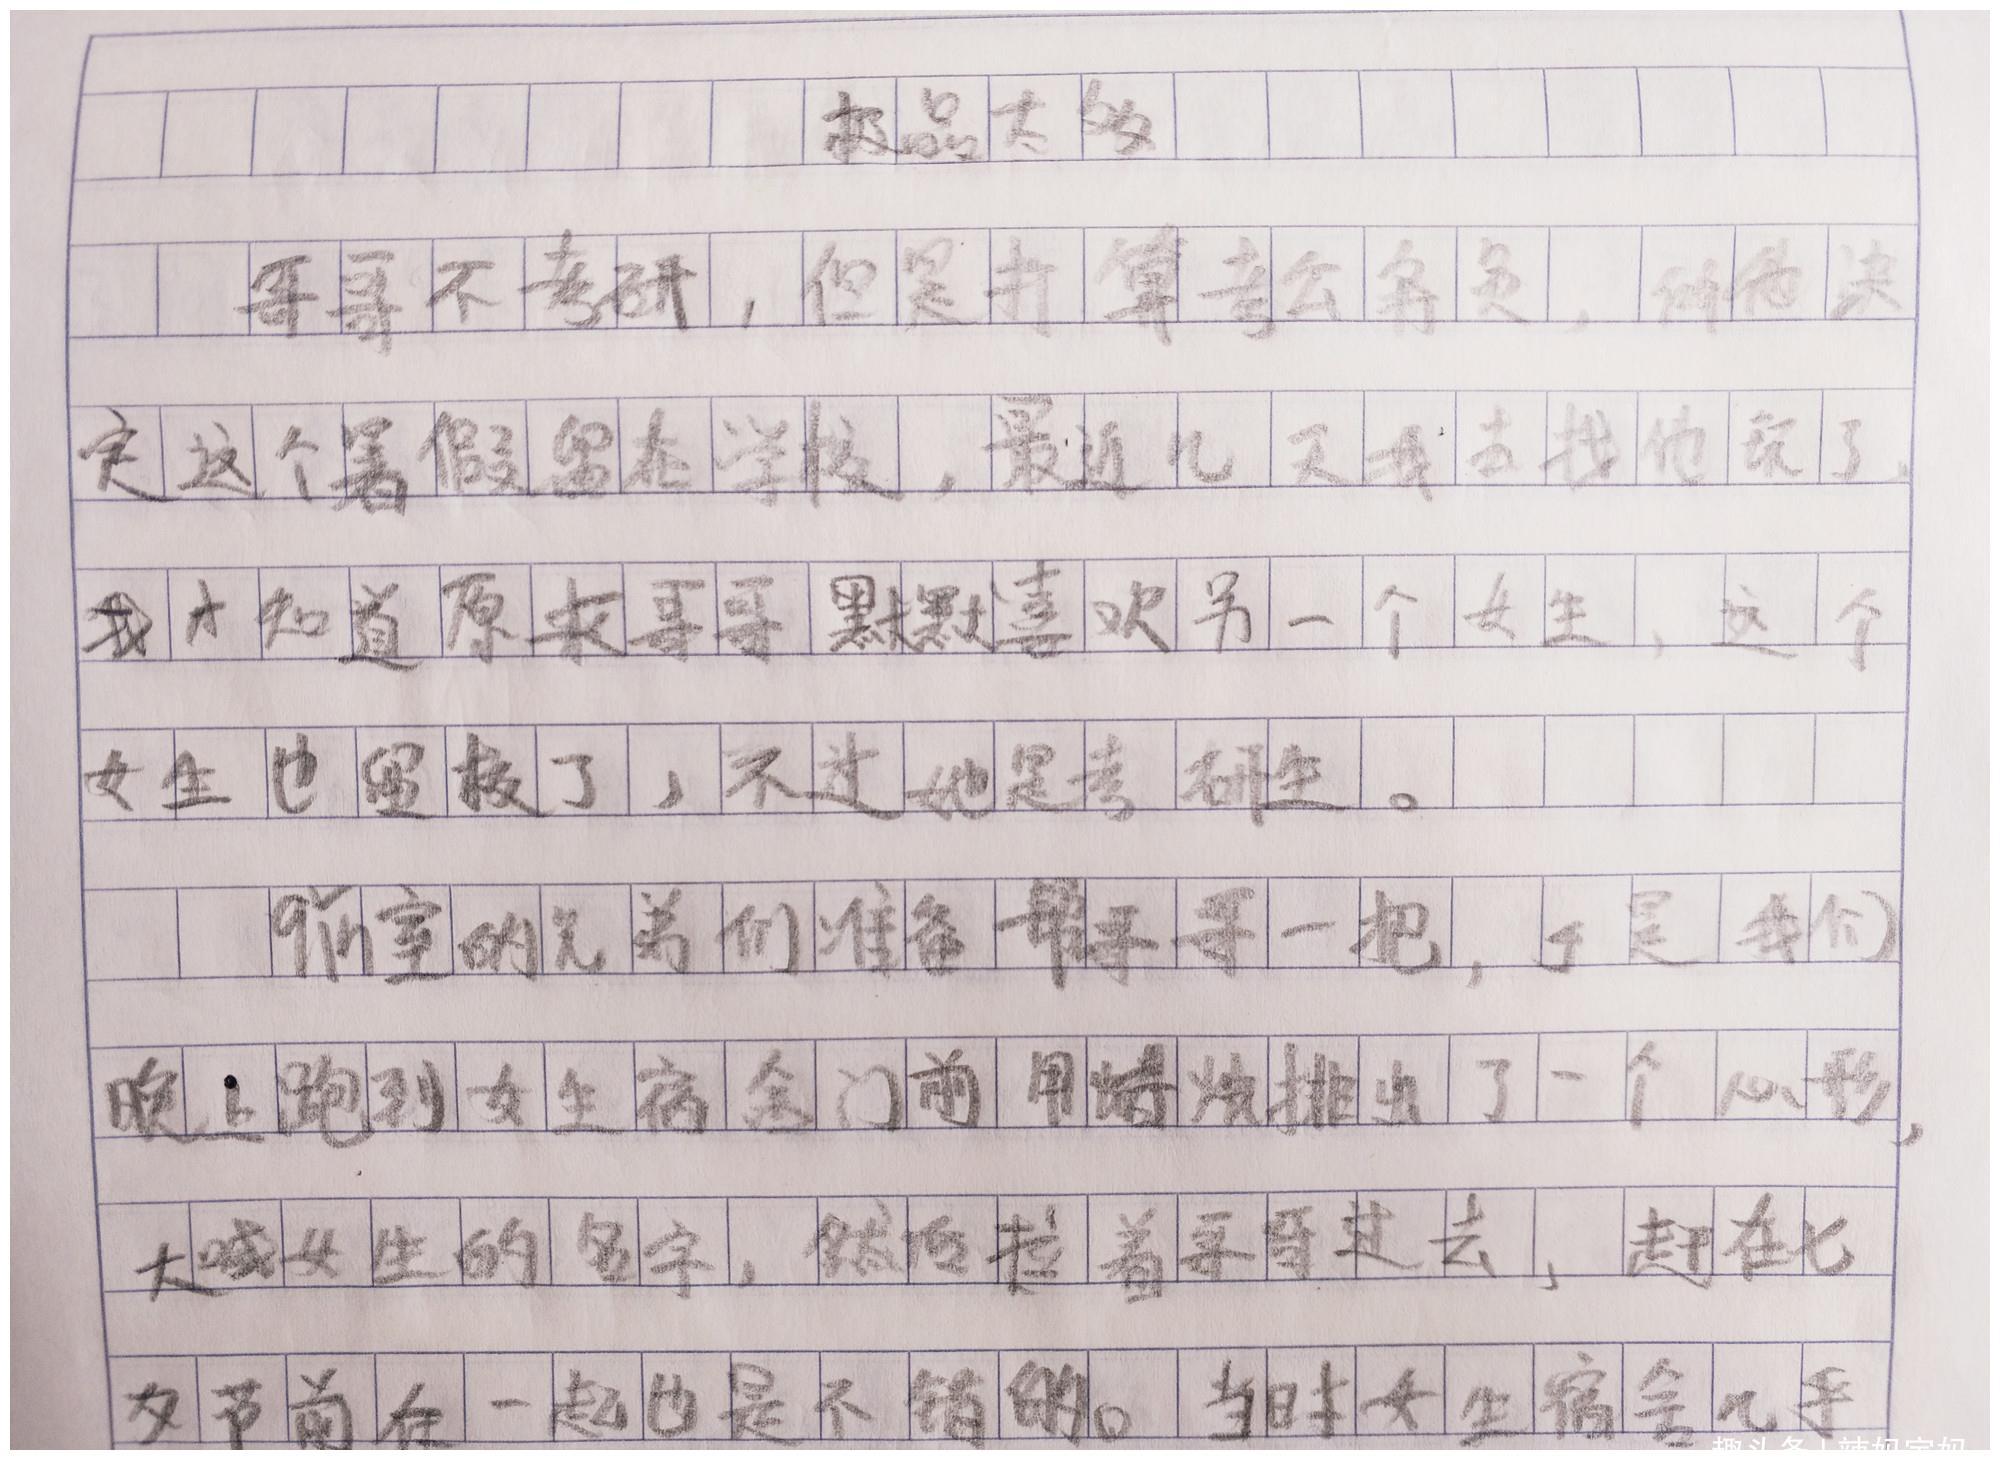 小学生奇葩作文《极品太多》冒火了,直男癌的哥哥,爸爸:打光棍